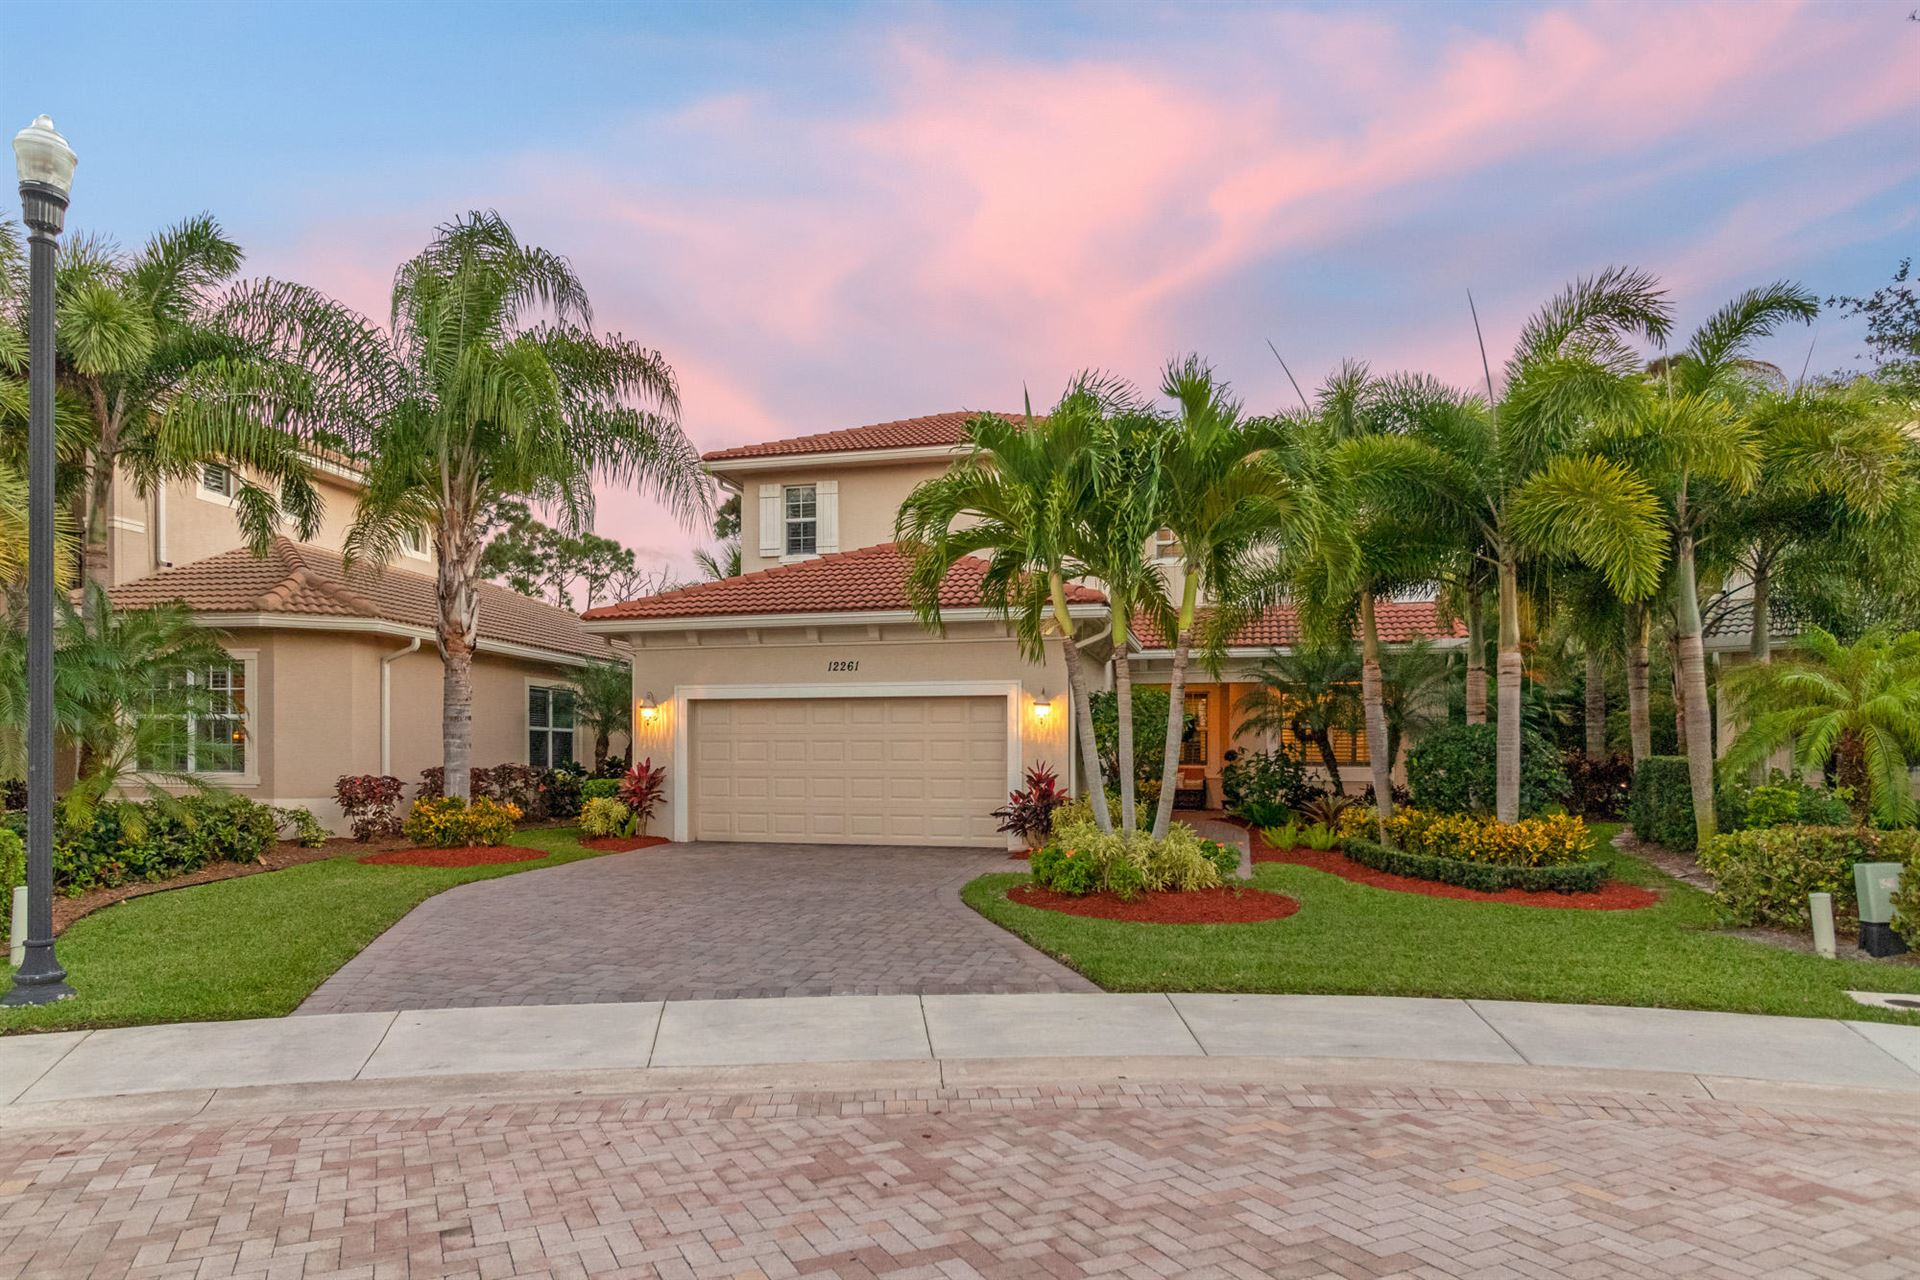 12261 Aviles Circle, Palm Beach Gardens, FL 33418 - #: RX-10608914